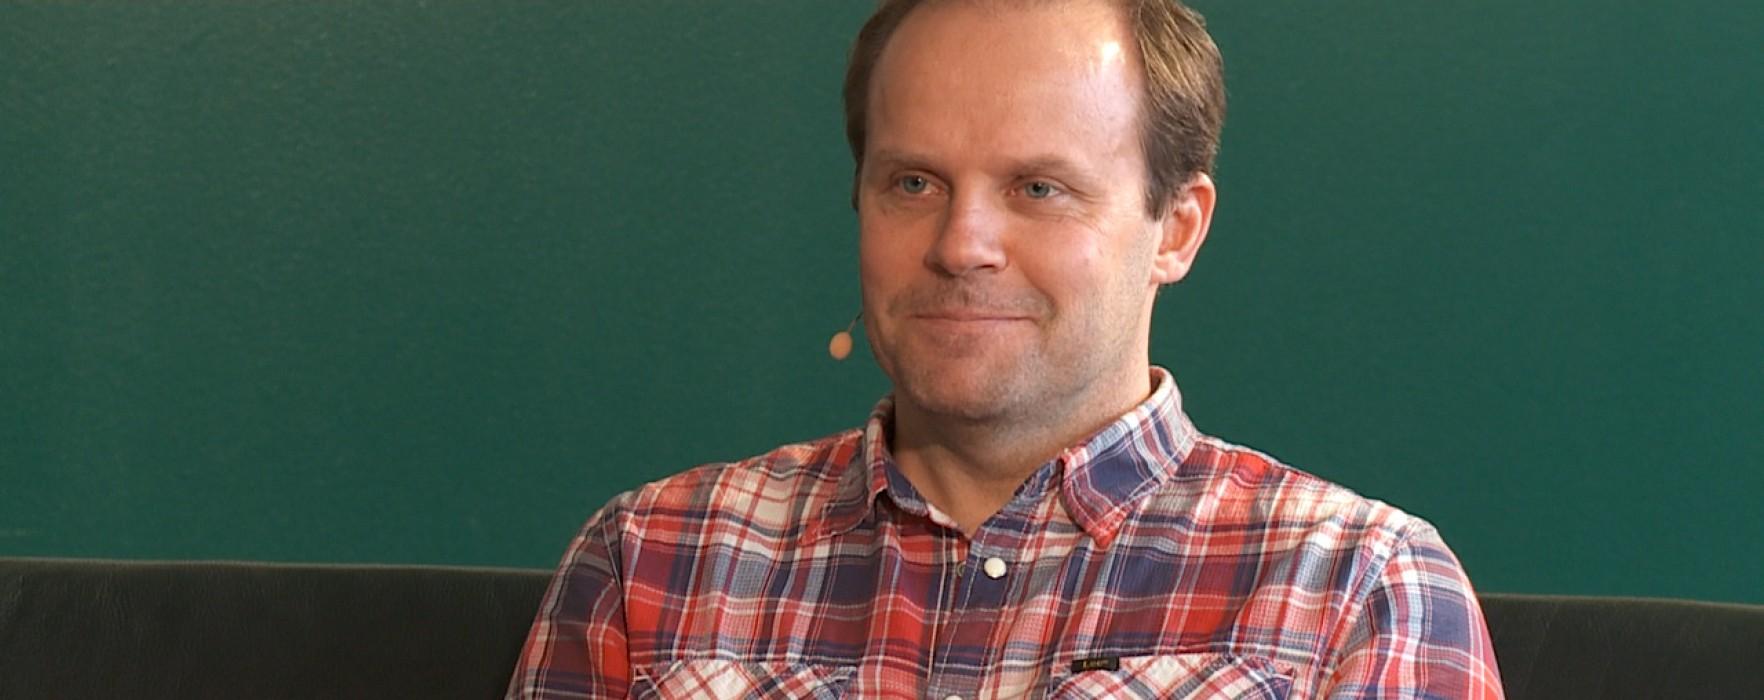 Glimt Sport – Greger Artursson om Långfredagstravet